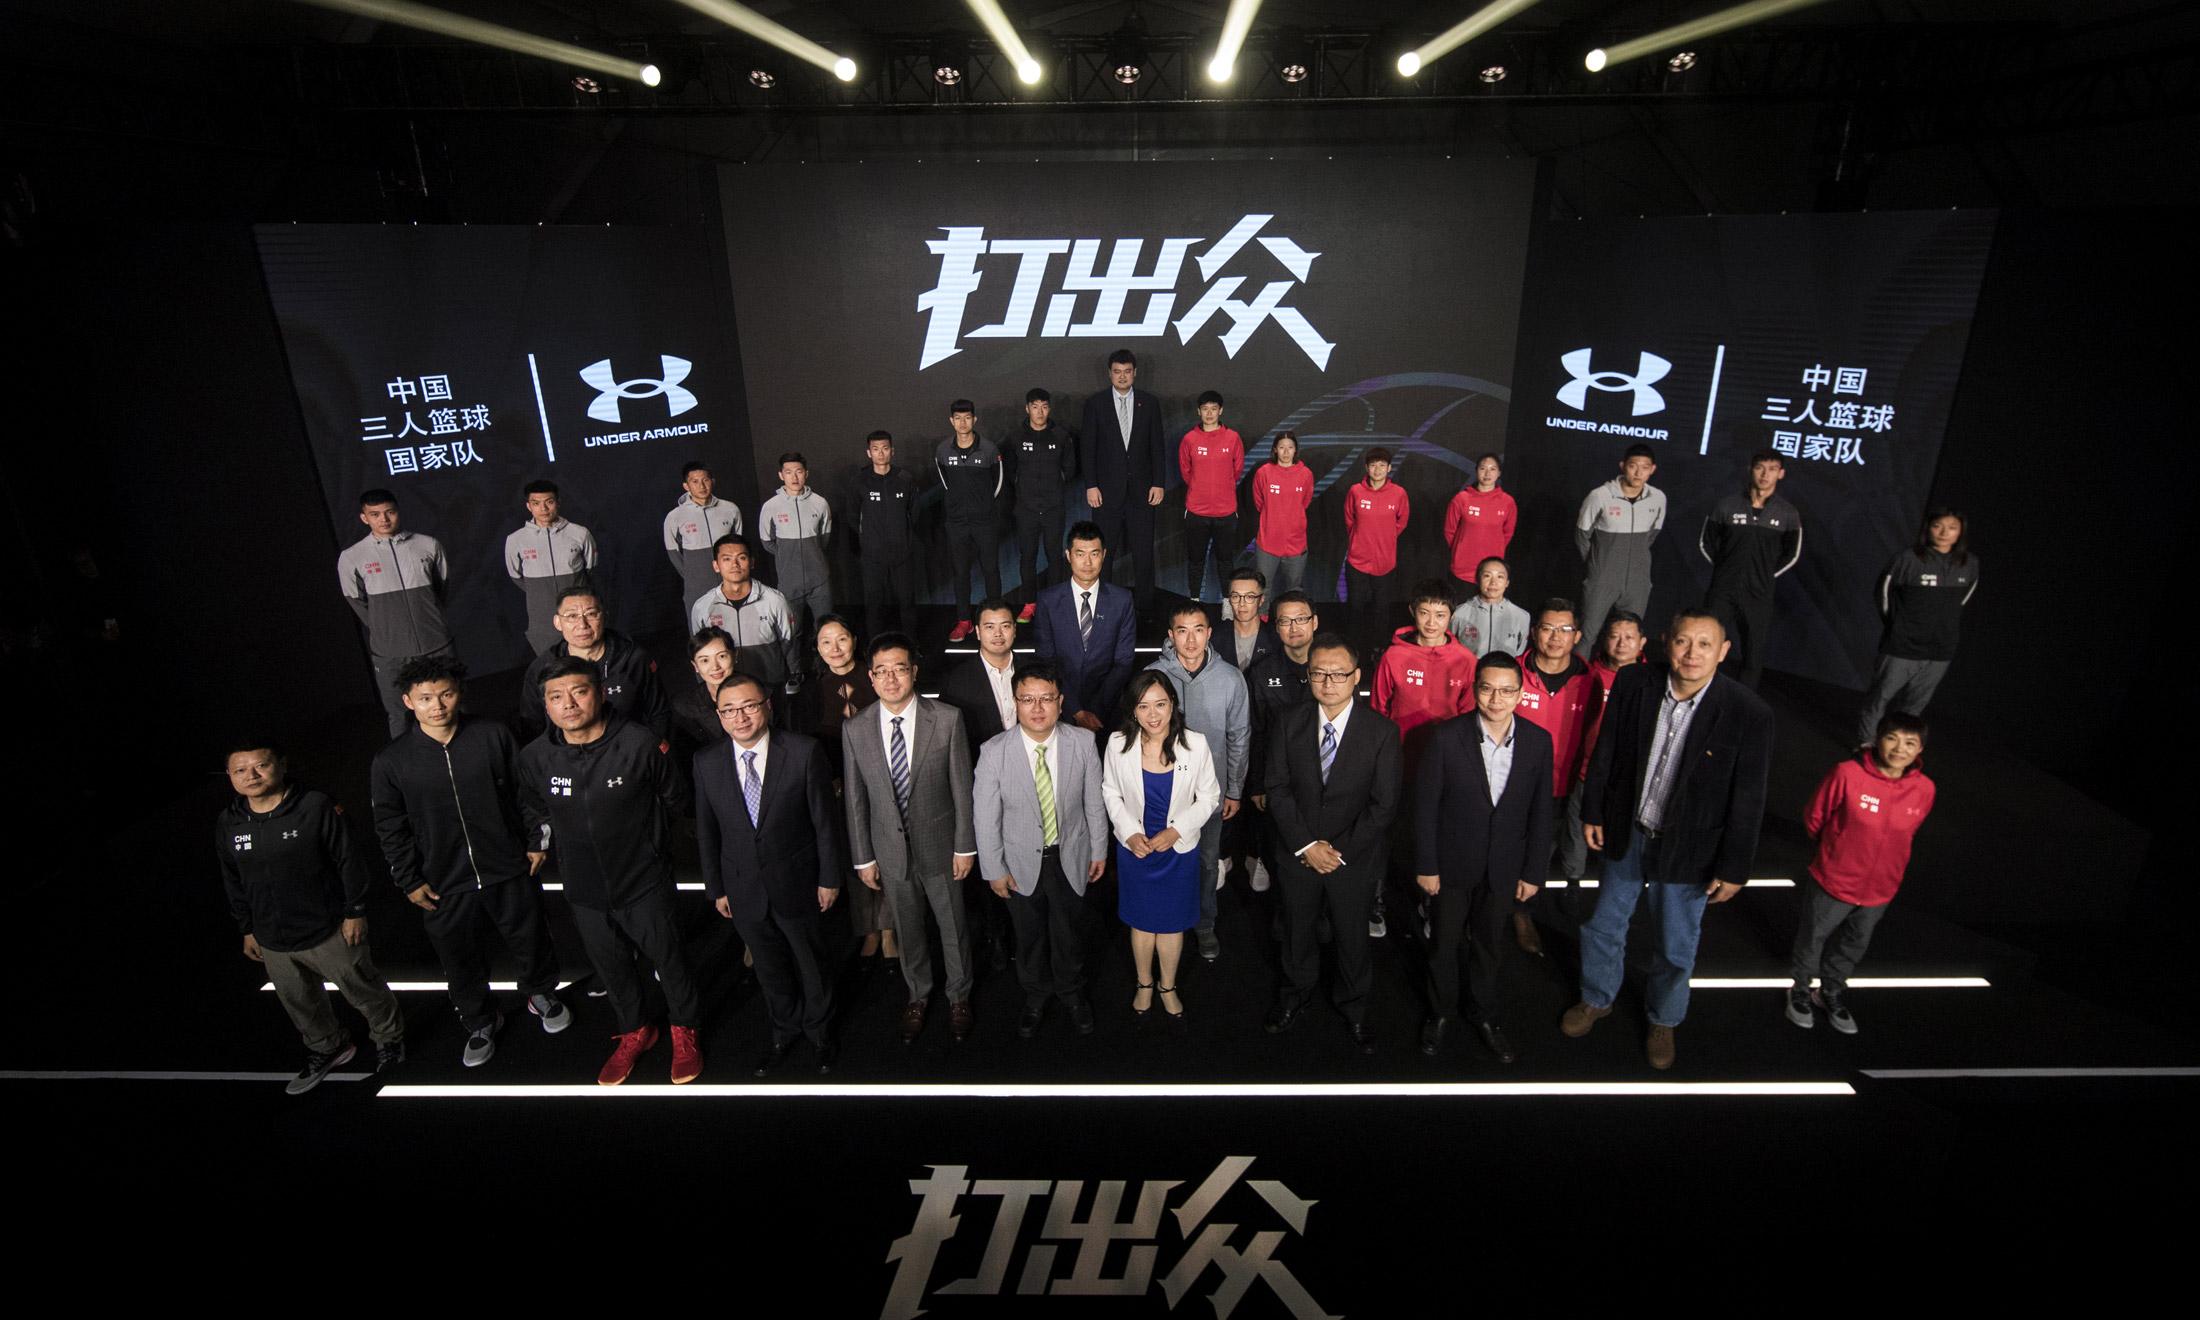 打出「众」,战奥运! UNDER ARMOUR 与中国三人篮球国家队达成战略合作